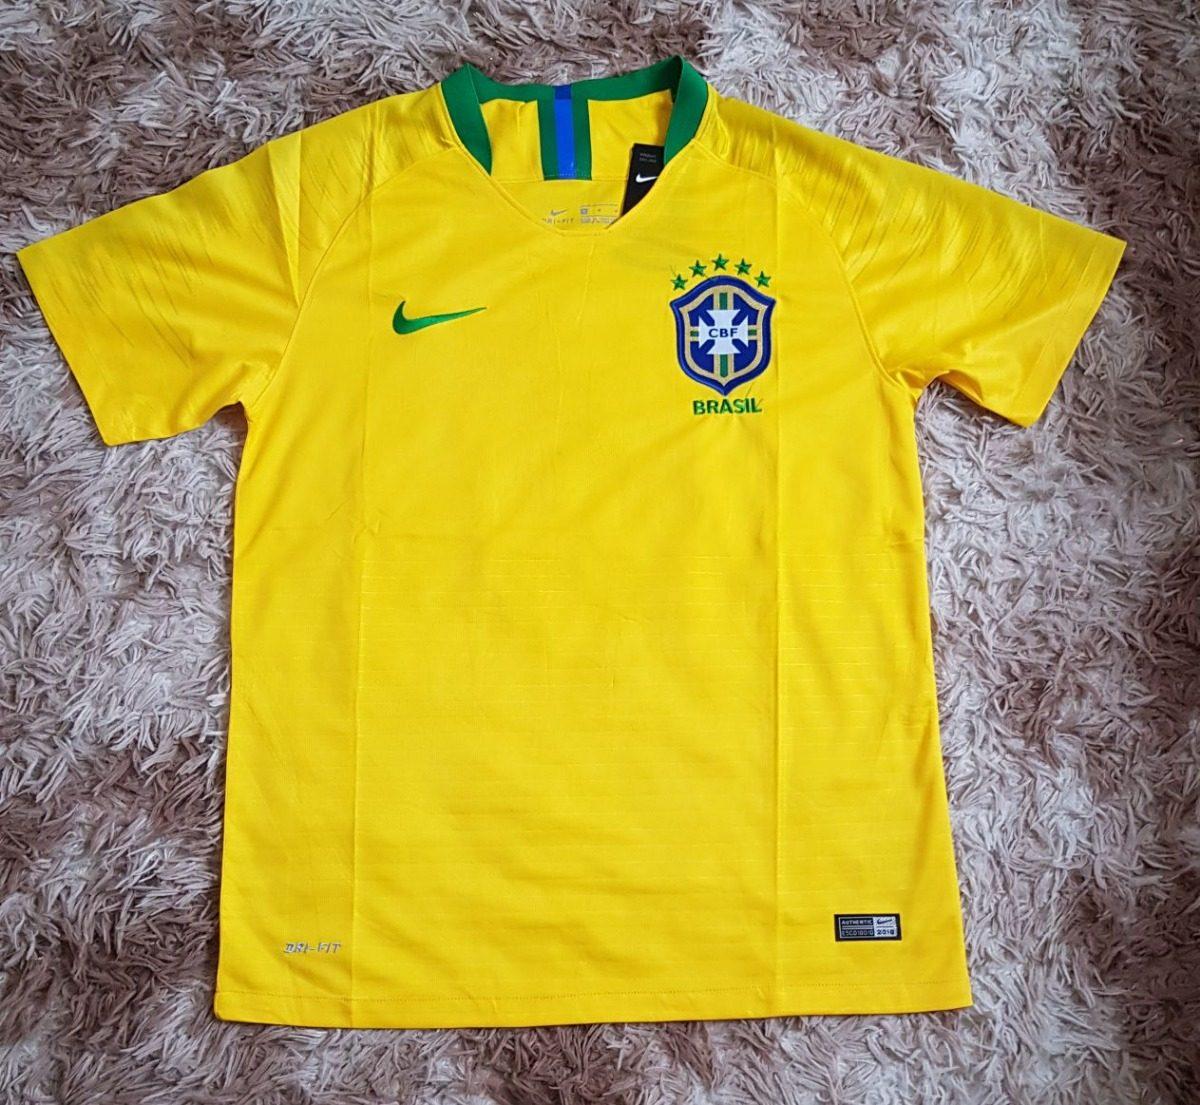 8078651c6b886 camisa do brasil iii 2018 19 nike oficial jogador s n +frete. Carregando  zoom.